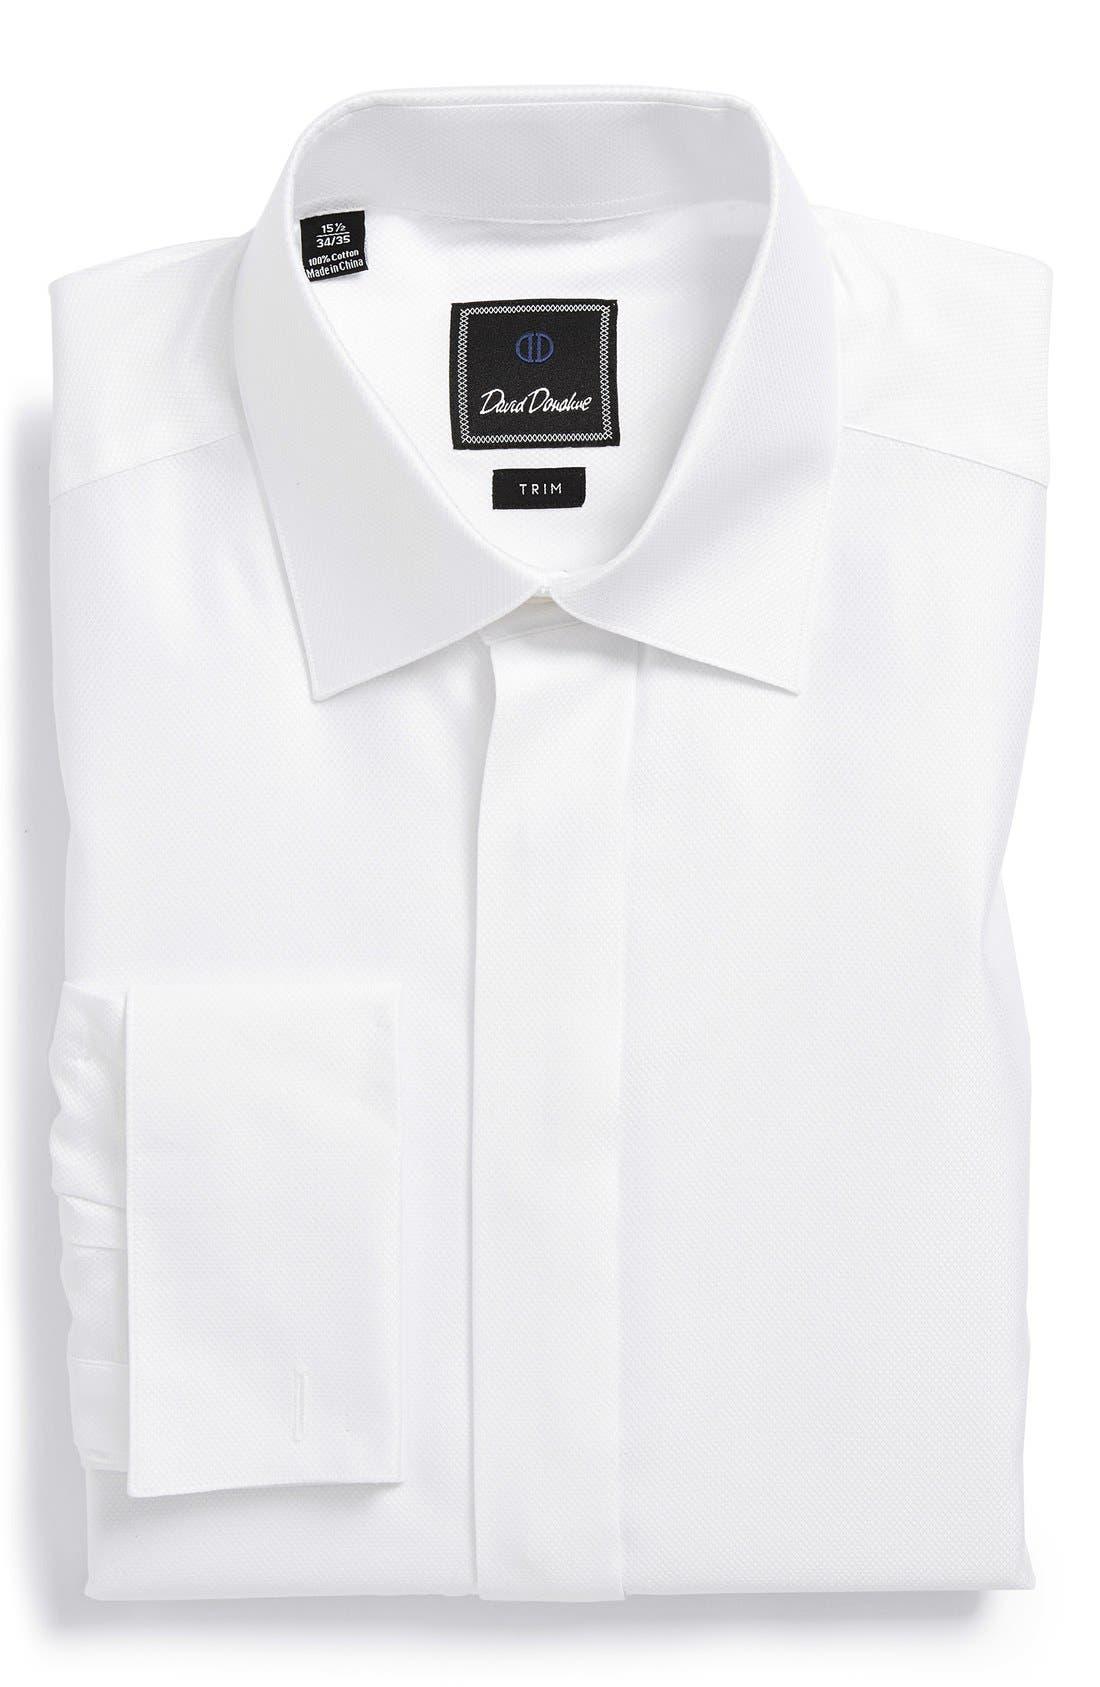 David Donahue Trim Fit French Cuff Tuxedo Shirt